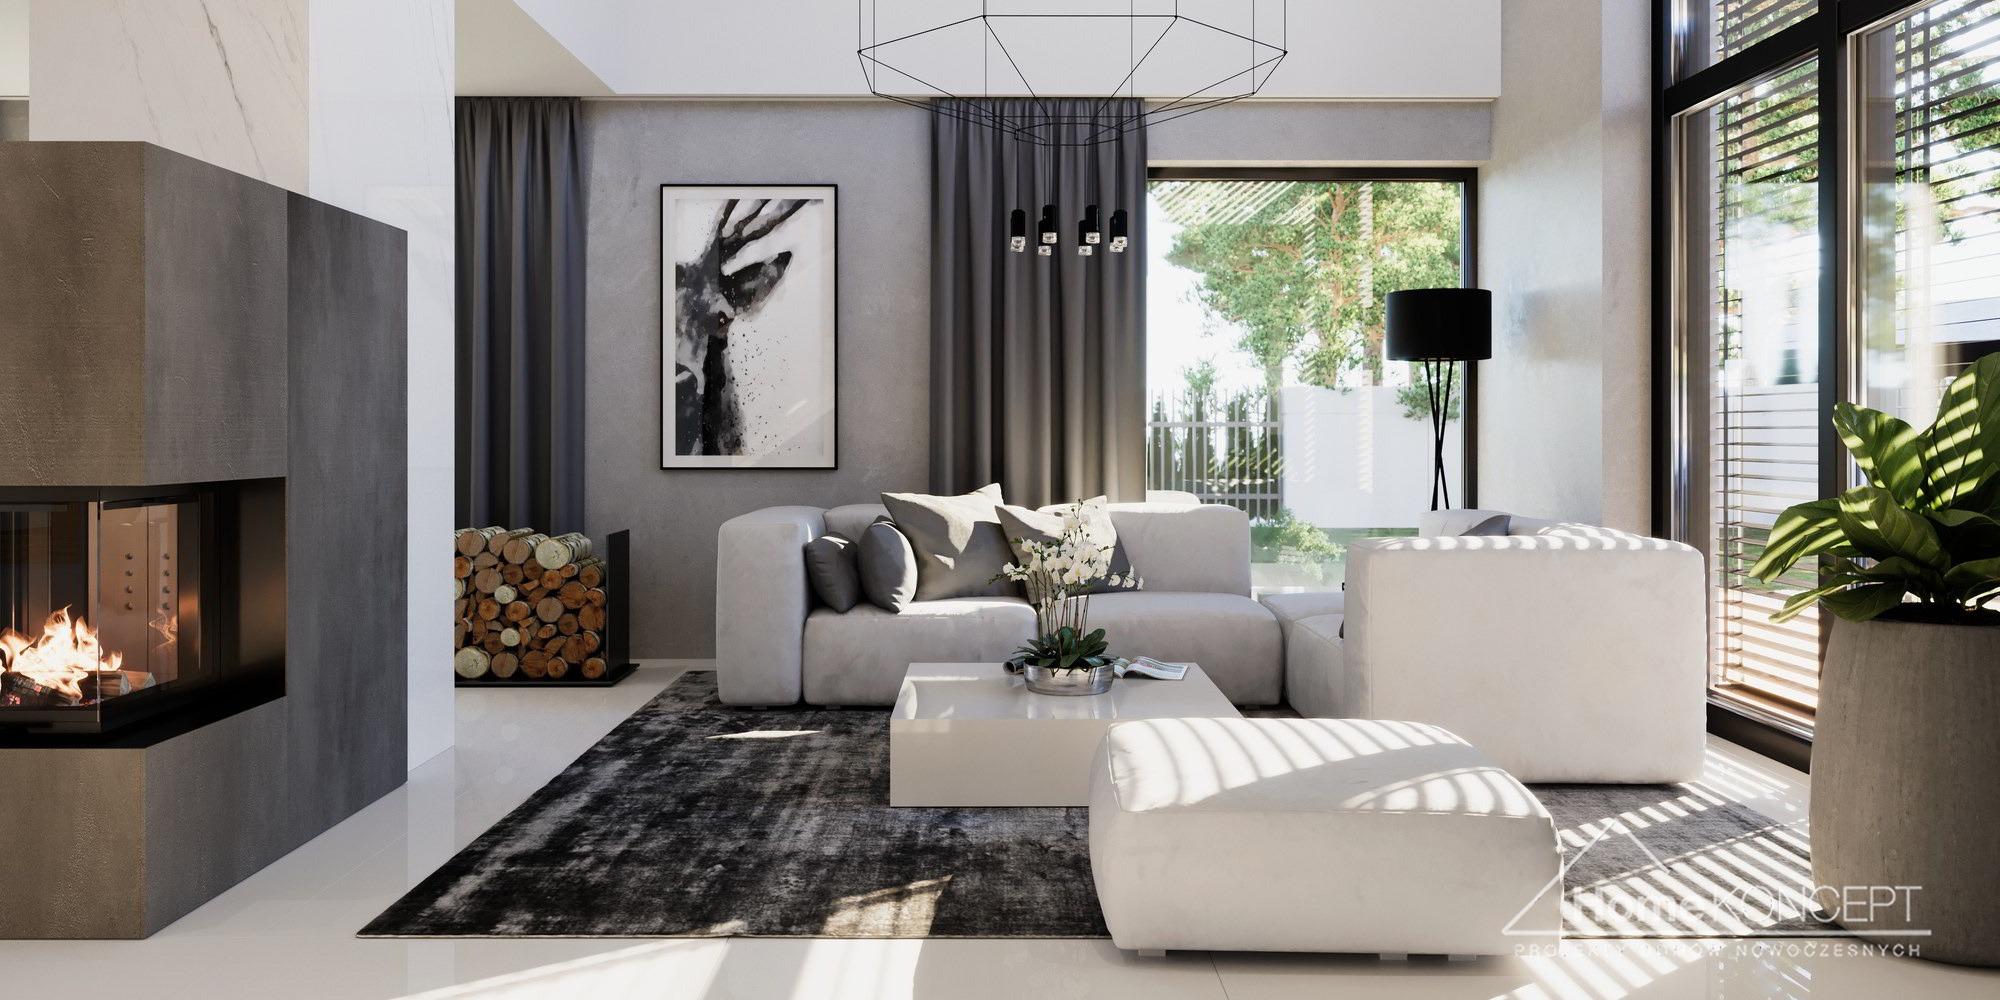 prestige house projekty nowoczesne wnetrza 2018 12